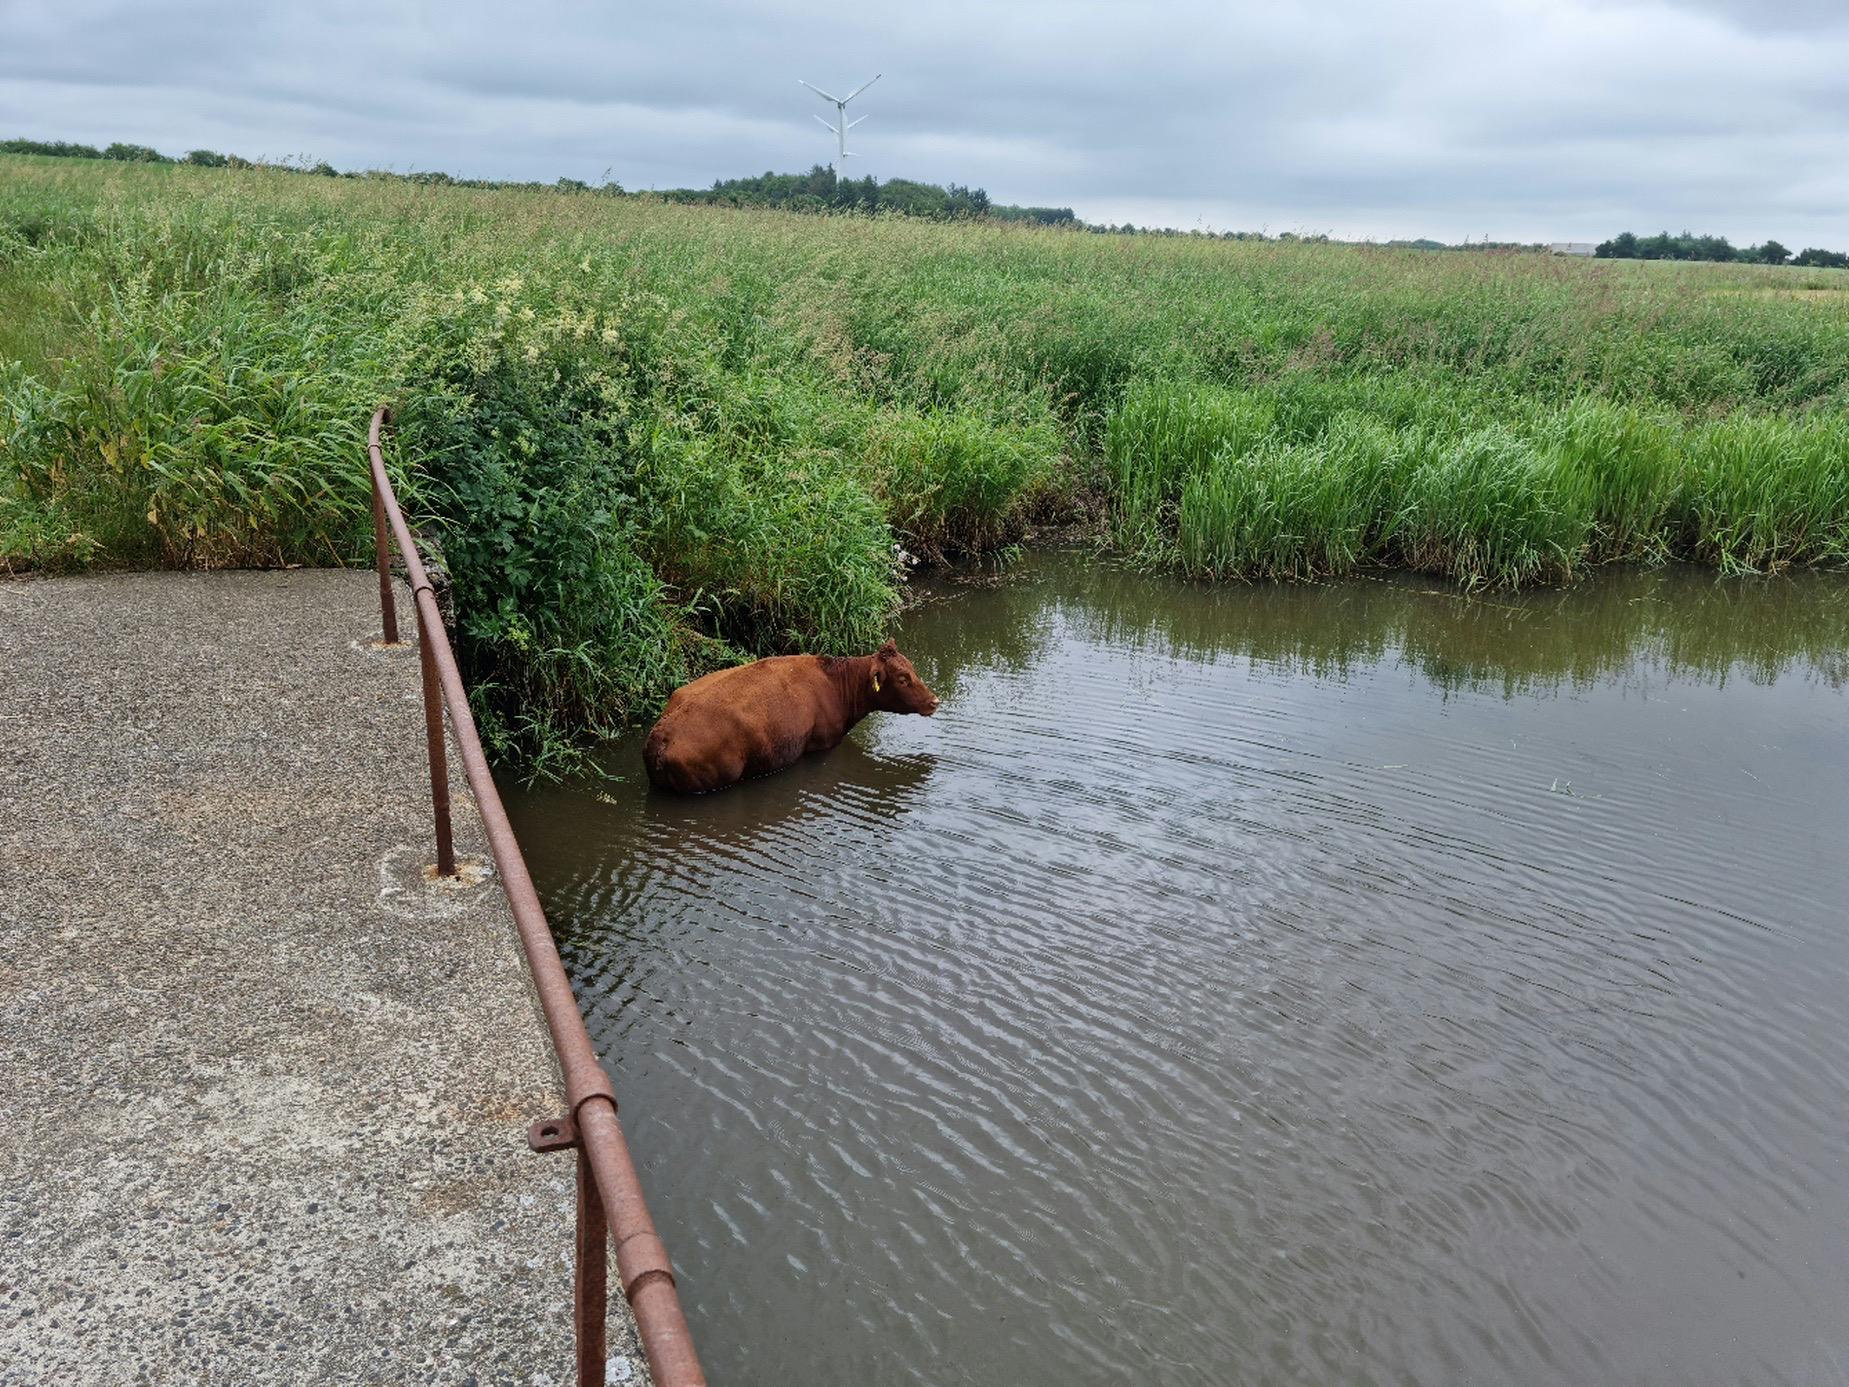 Ko fundet svømmende rundt i å